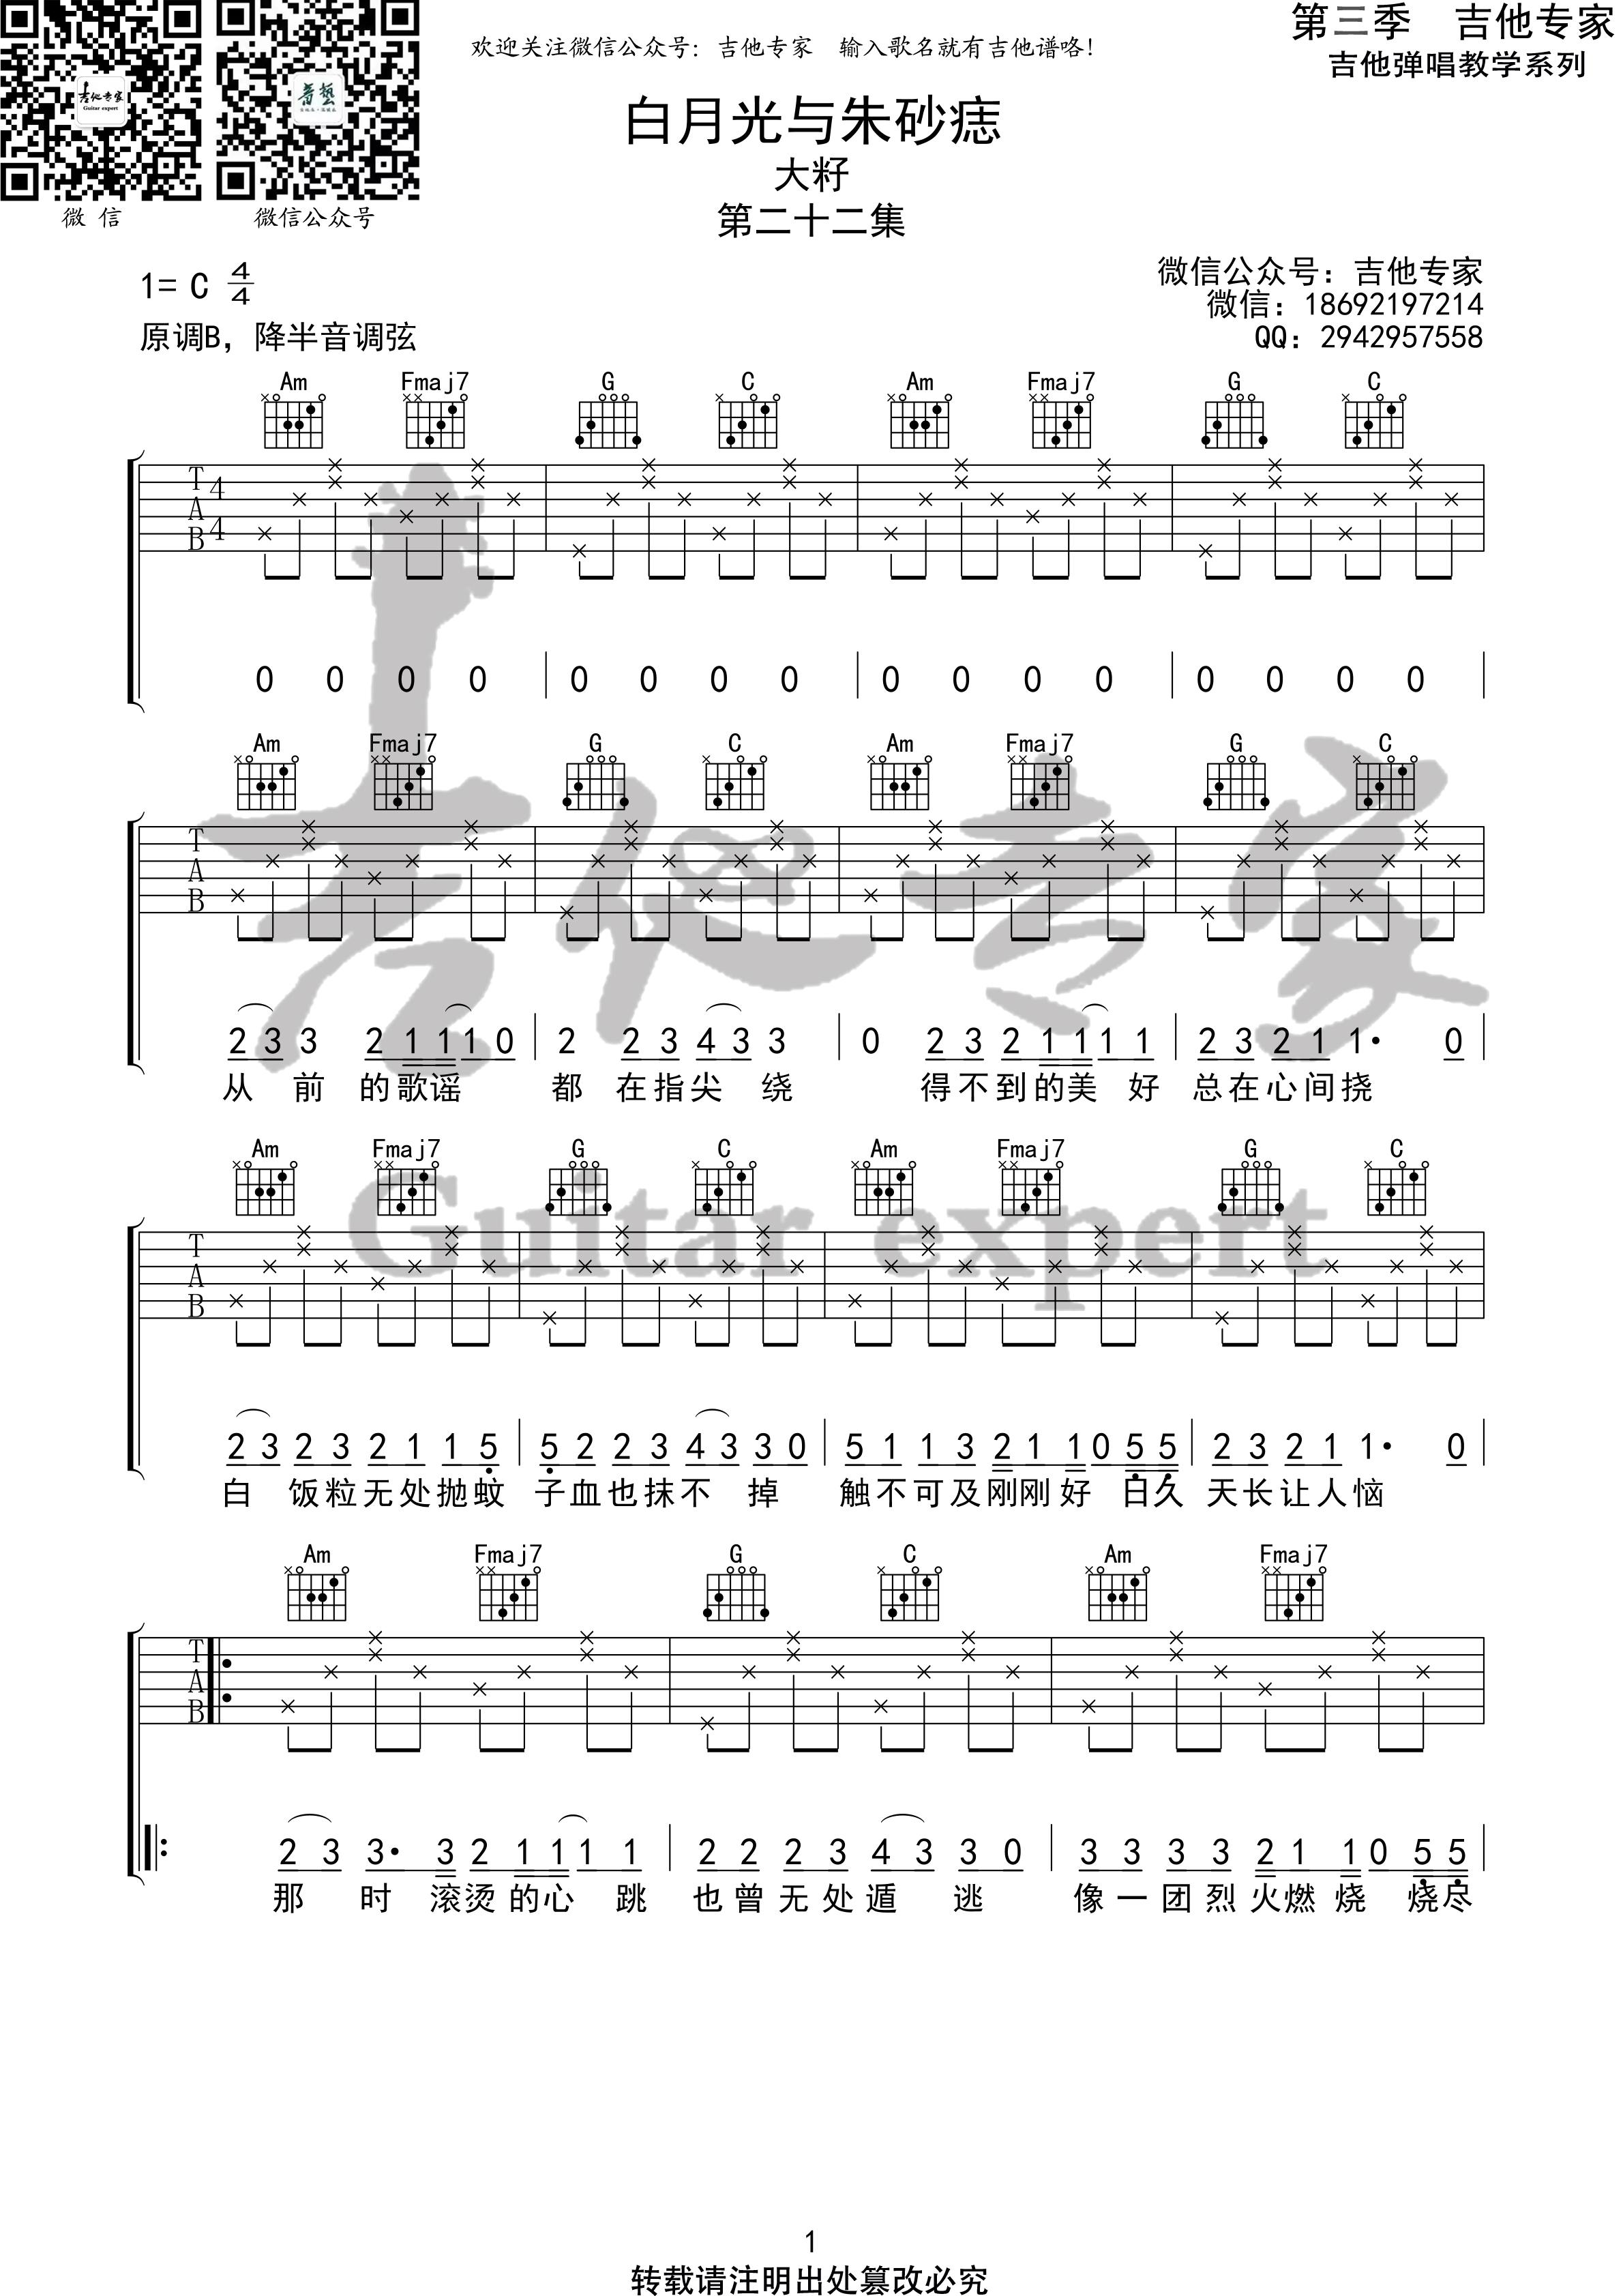 吉他派《白月光与朱砂痣》吉他谱简单版-1